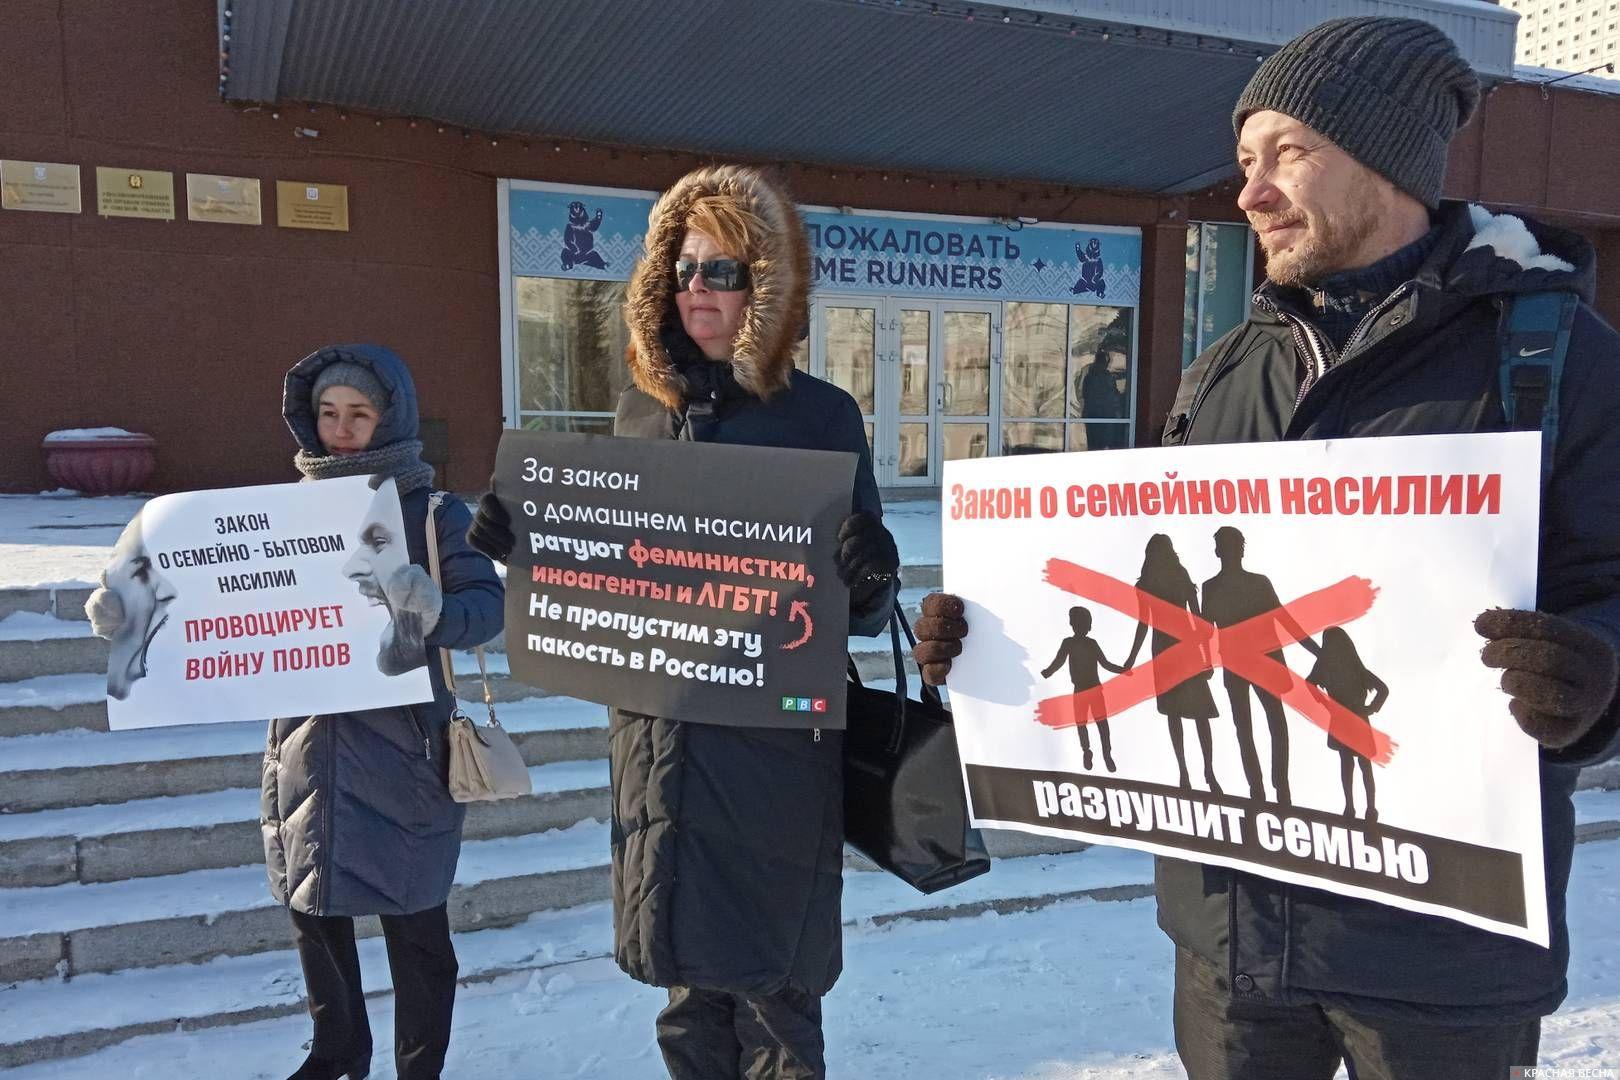 Пикет против СБН в Омске